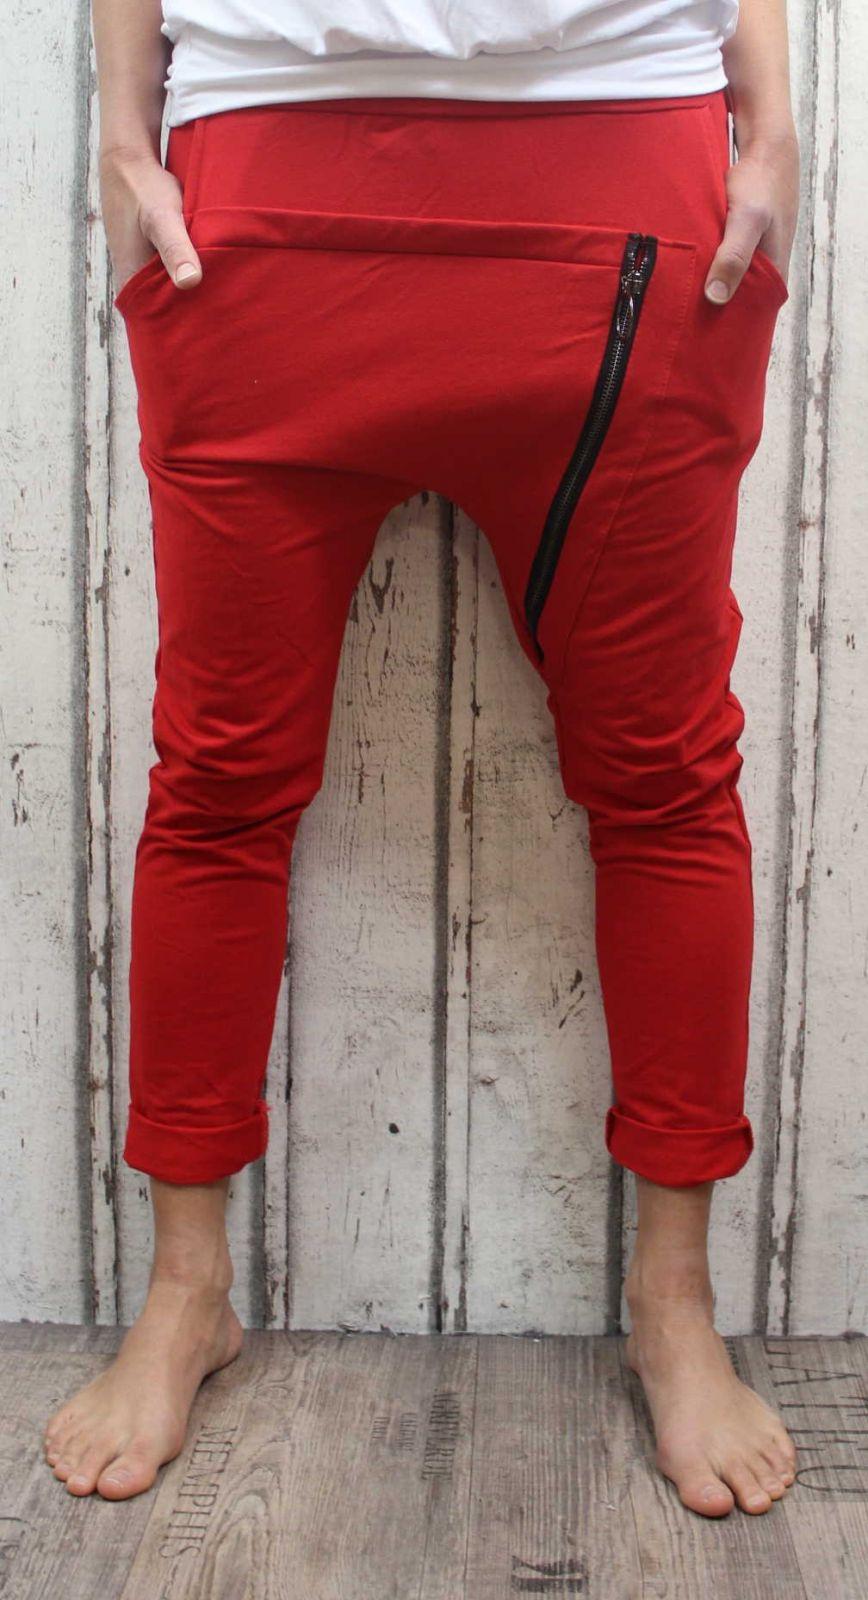 Dámské tepláky se spadlým sedem, červené dámské baggy, tepláky s nízkým sedem, spadlé tepláky, dámské tepláky se zipem, bavlněné tepláky Italy Moda